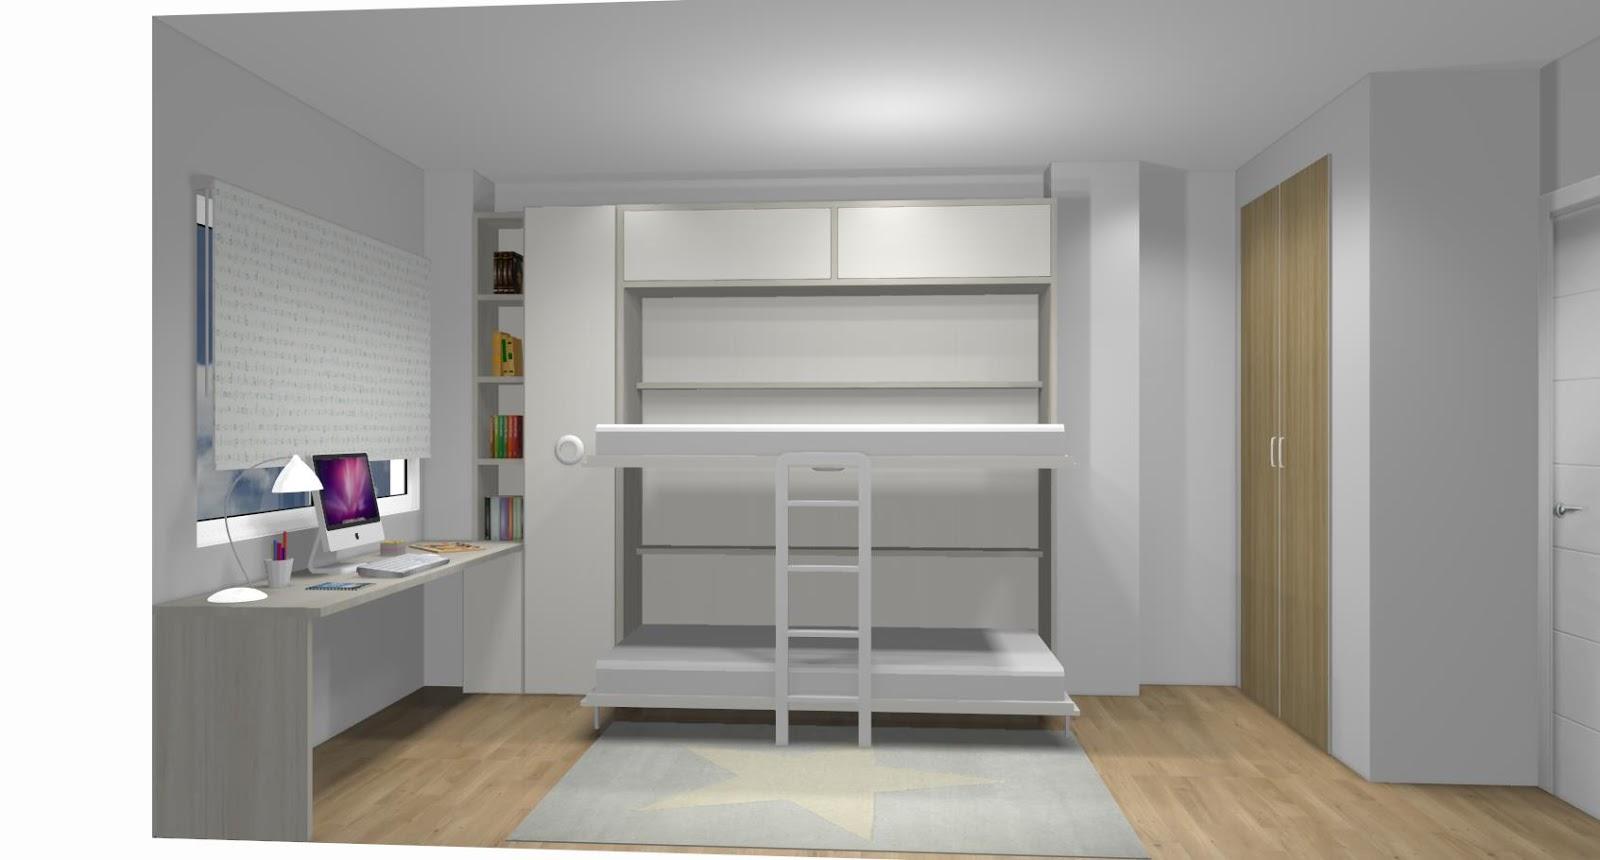 Dormitorio juvenil con cama compacto estanterias y zona de estudio debajo de la ventana - Camas infantiles a medida ...